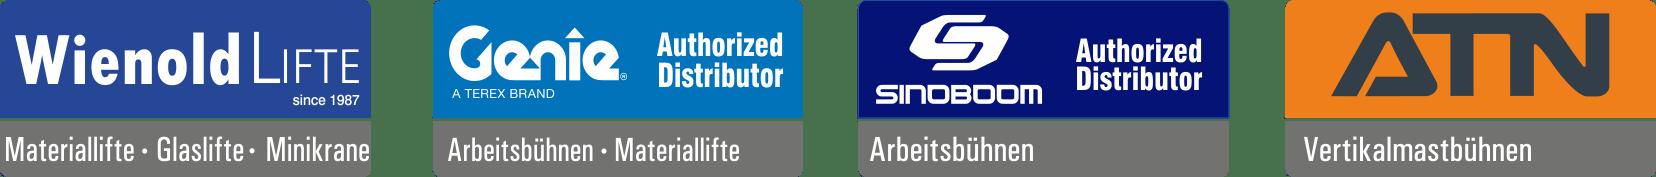 Sinoboom logos mit Wienold